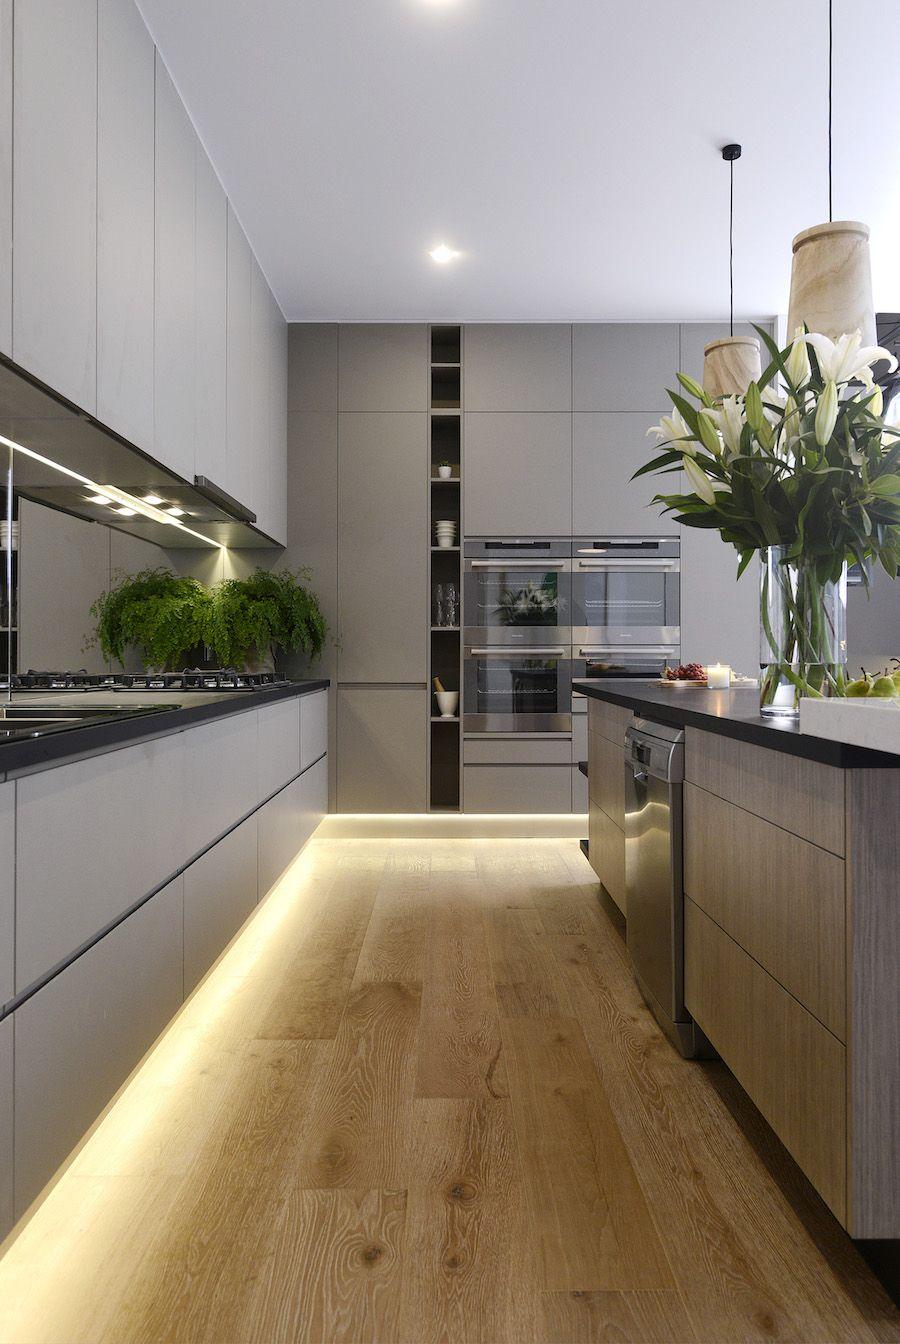 Home küche innenarchitektur bilder photo  grey kitchen  cozinha cinza  via stylecurator